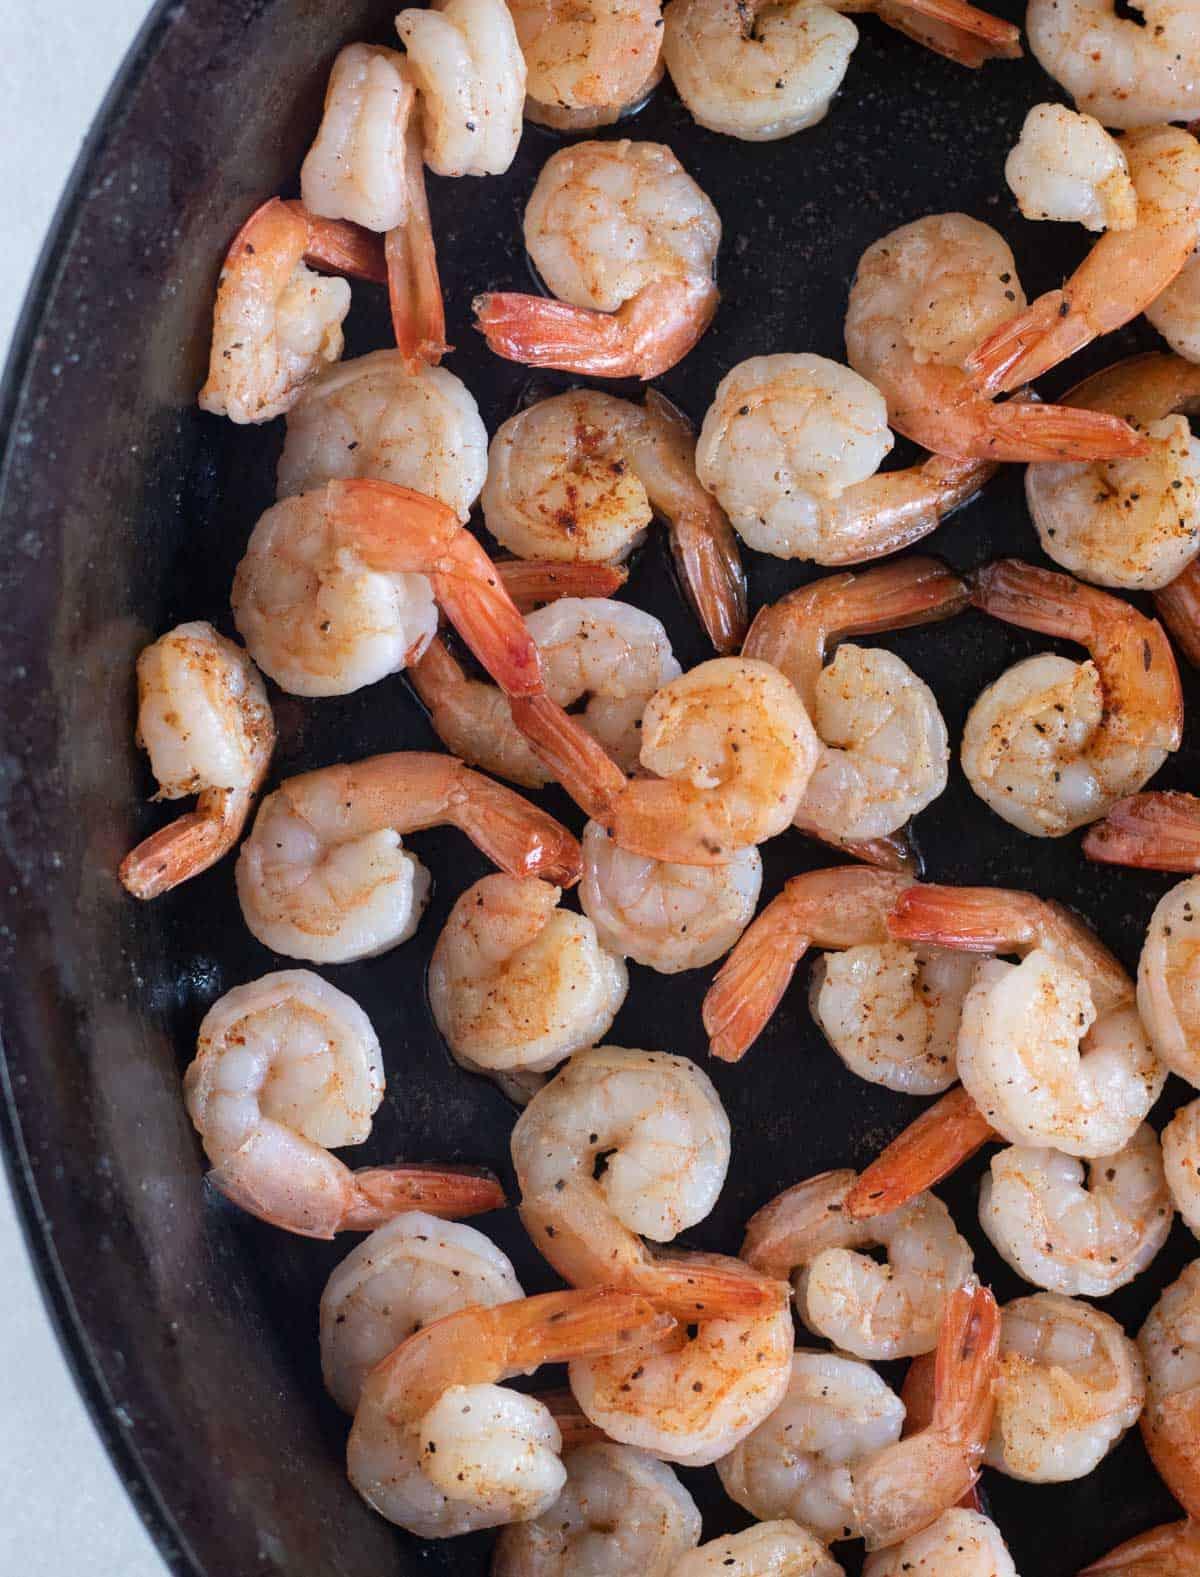 cooked shrimp in skillet